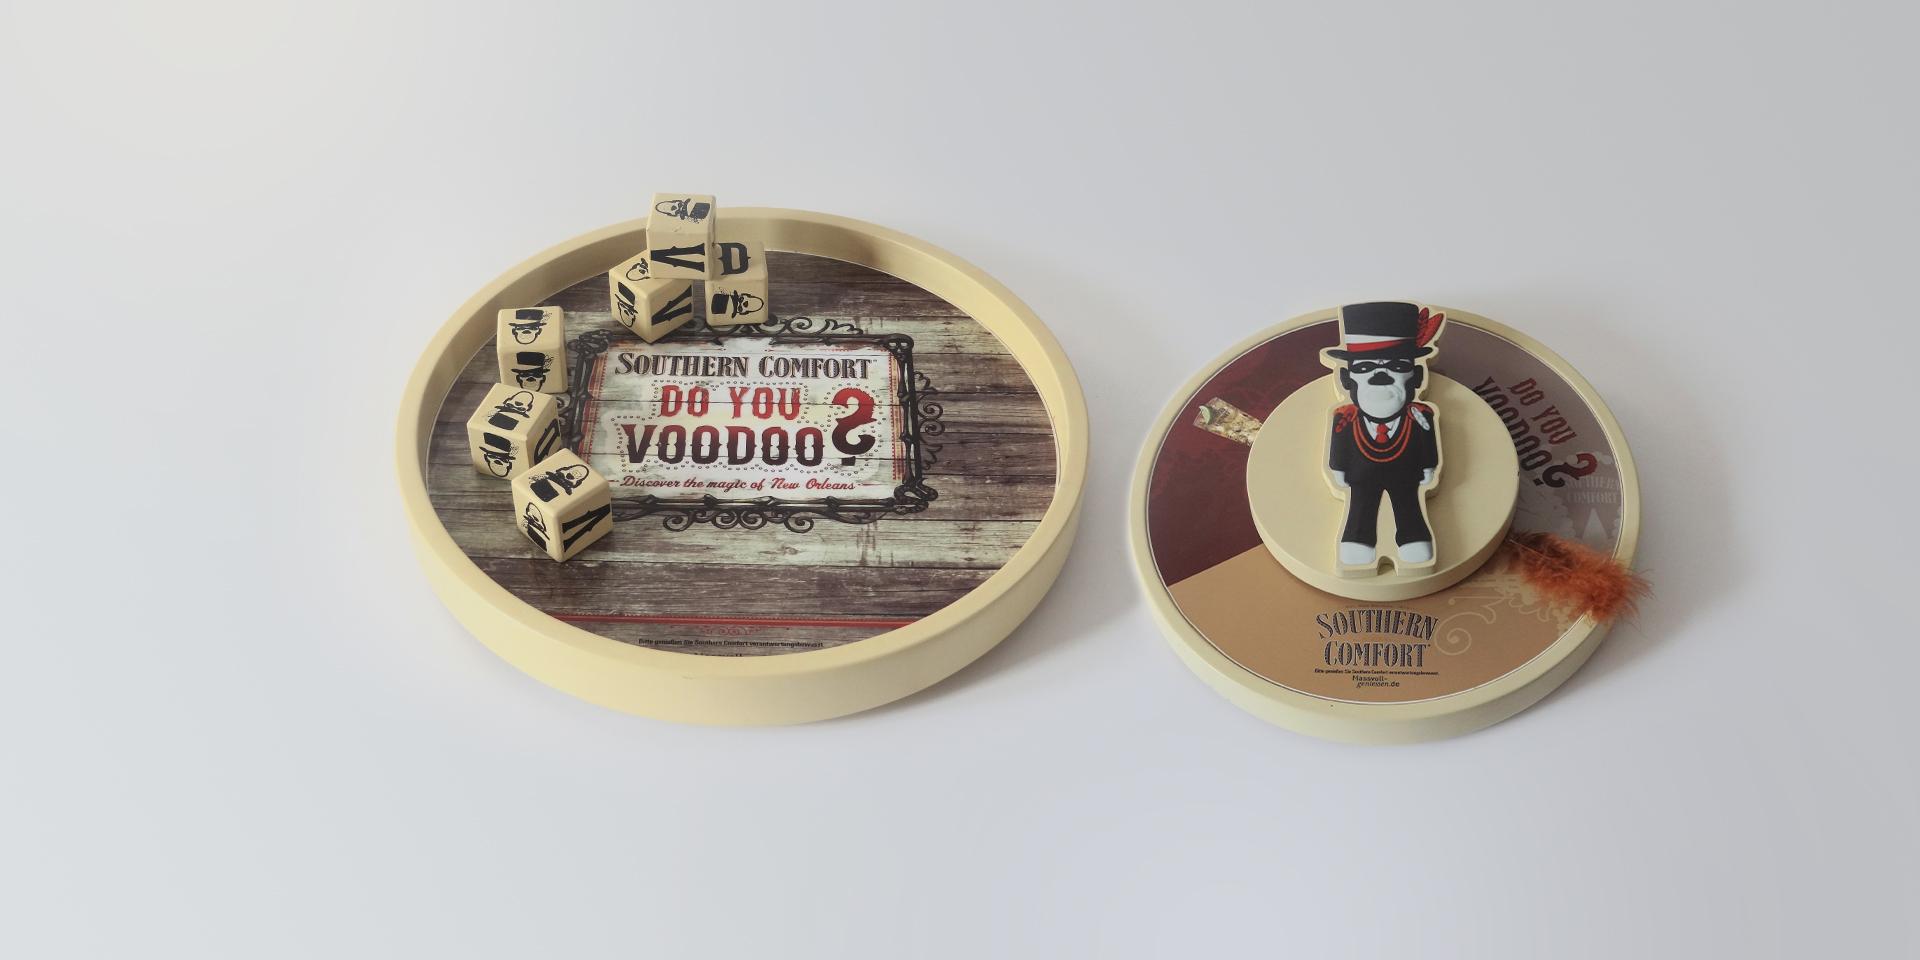 Southern Comfort Voodoo - Zweyloeven Werbeproduktion GmbH